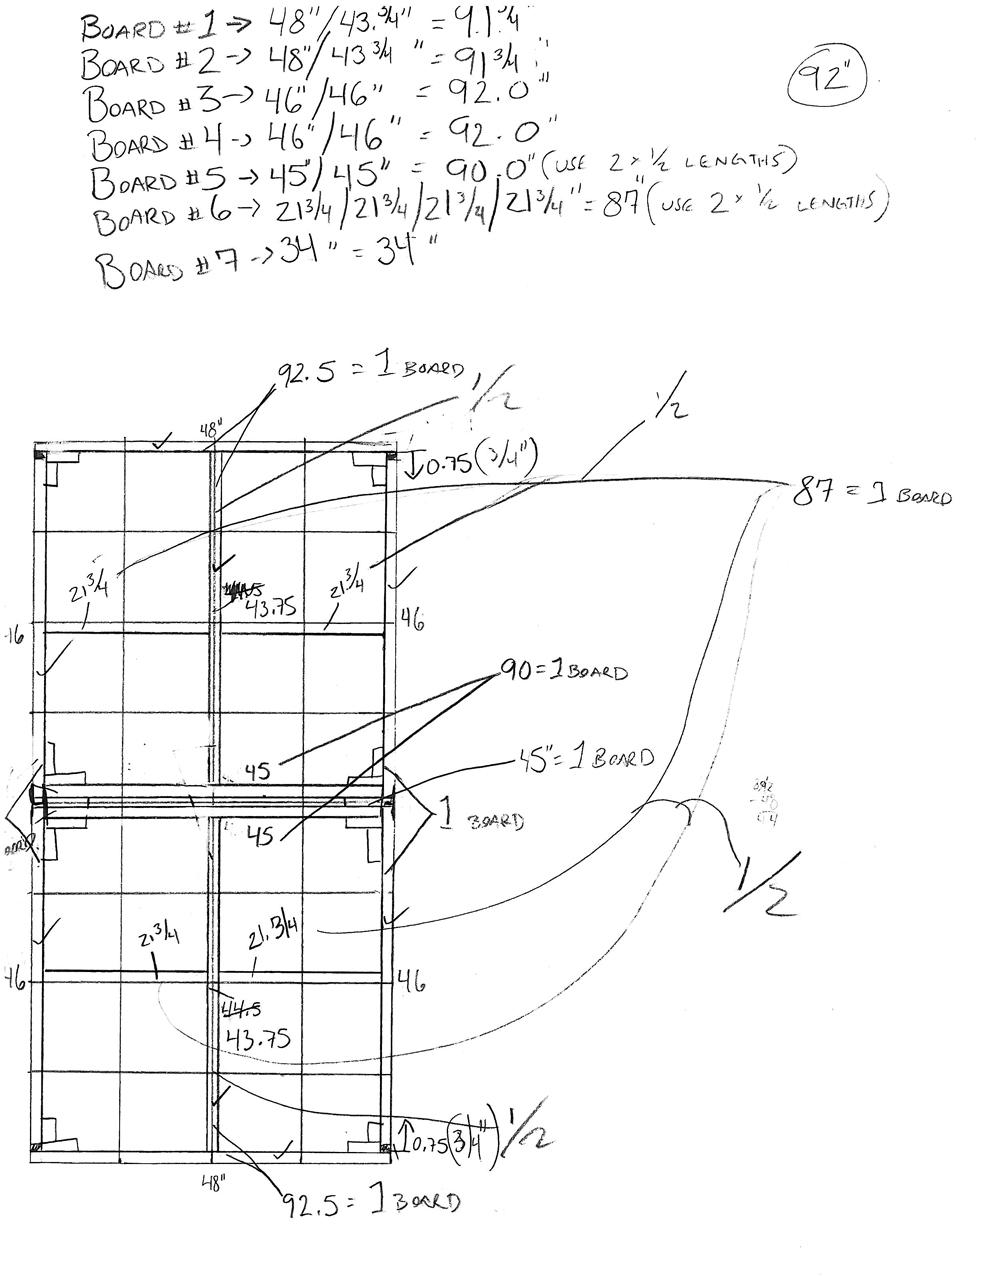 Großartig 2 Poliger Thermostat Schaltplan Ideen - Schaltplan Serie ...